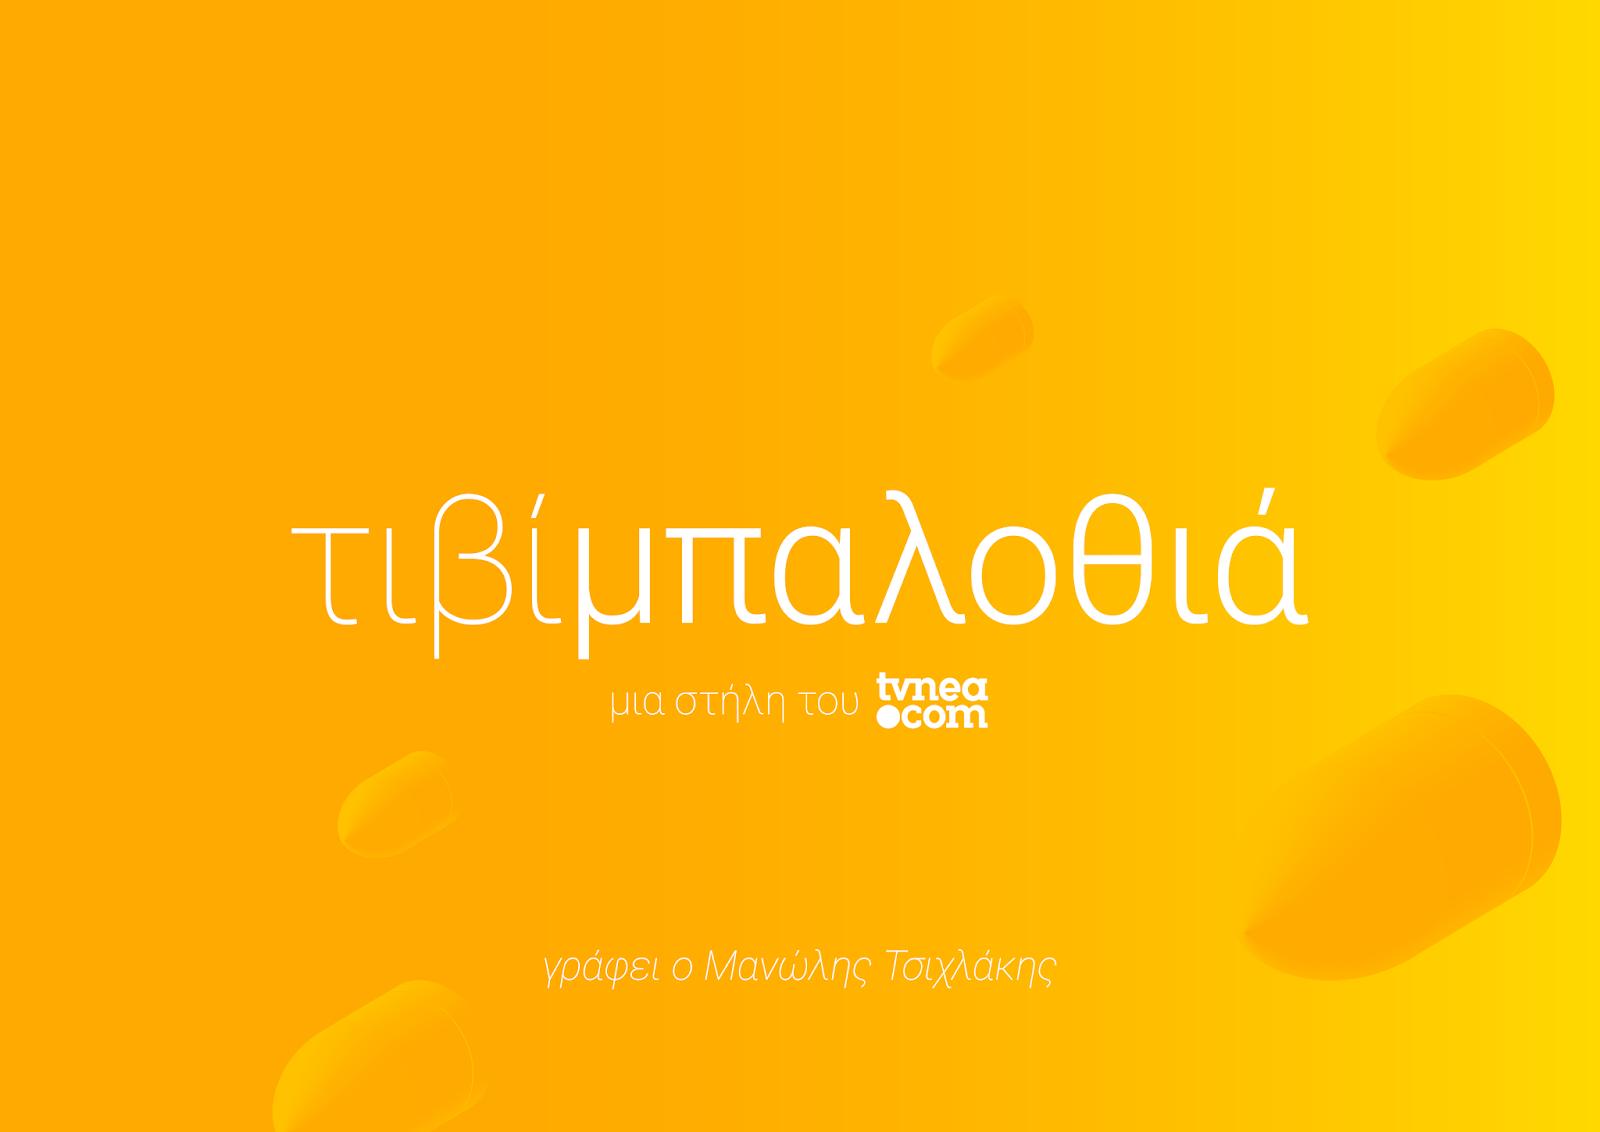 ΤΙΒΙ -ΜΠΑΛΟΘΙΑ:Κανένας φραγμός στην εκπομπή του Λιάγκα -Ο Alpha γίνεται Δέλτα-Ο προγραμματισμός του ΣΚΑΪ -Ο...ανύπαρκτος ''Κρίκος''- Ανιαρό το FINAL 4-Η αδιάβαστη παρουσιάστρια - Φωτογραφία 1